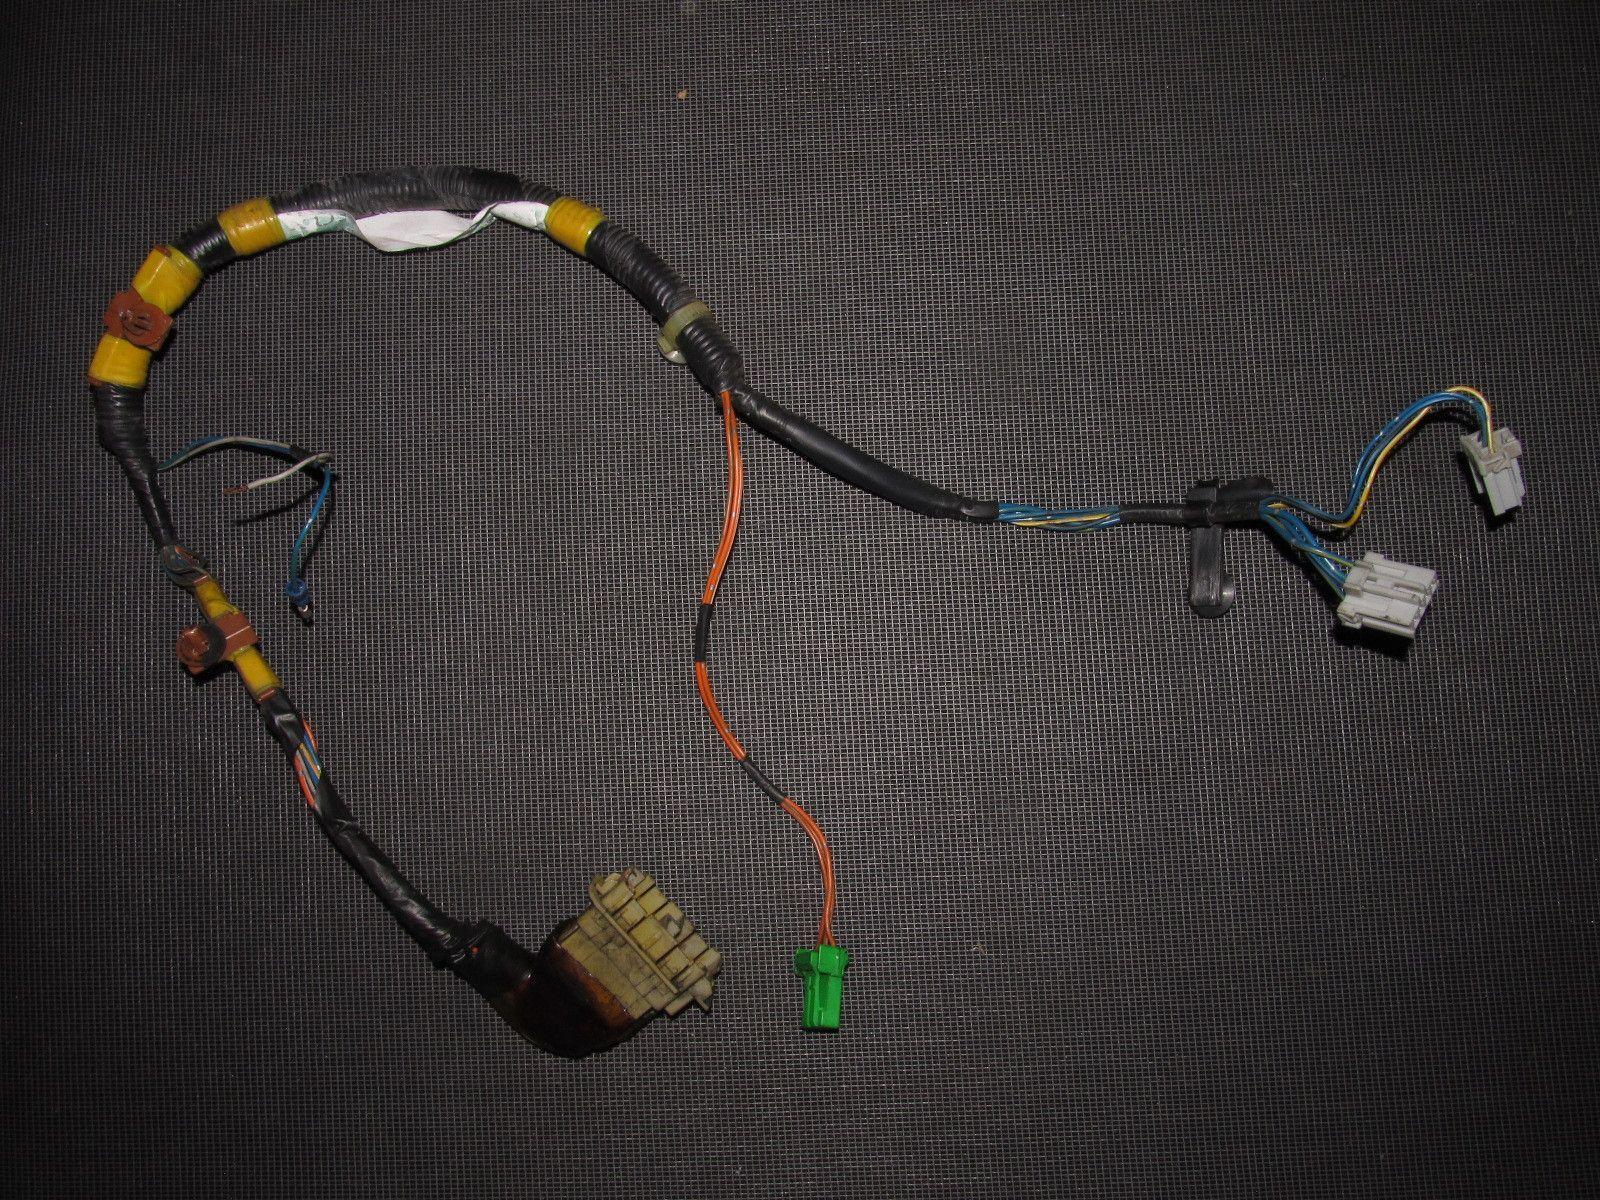 Honda Del Sol 95 Wiring Harness Electrical Diagrams 93 94 Oem Interior Fuse Box Autopartone 96 97 Door Right